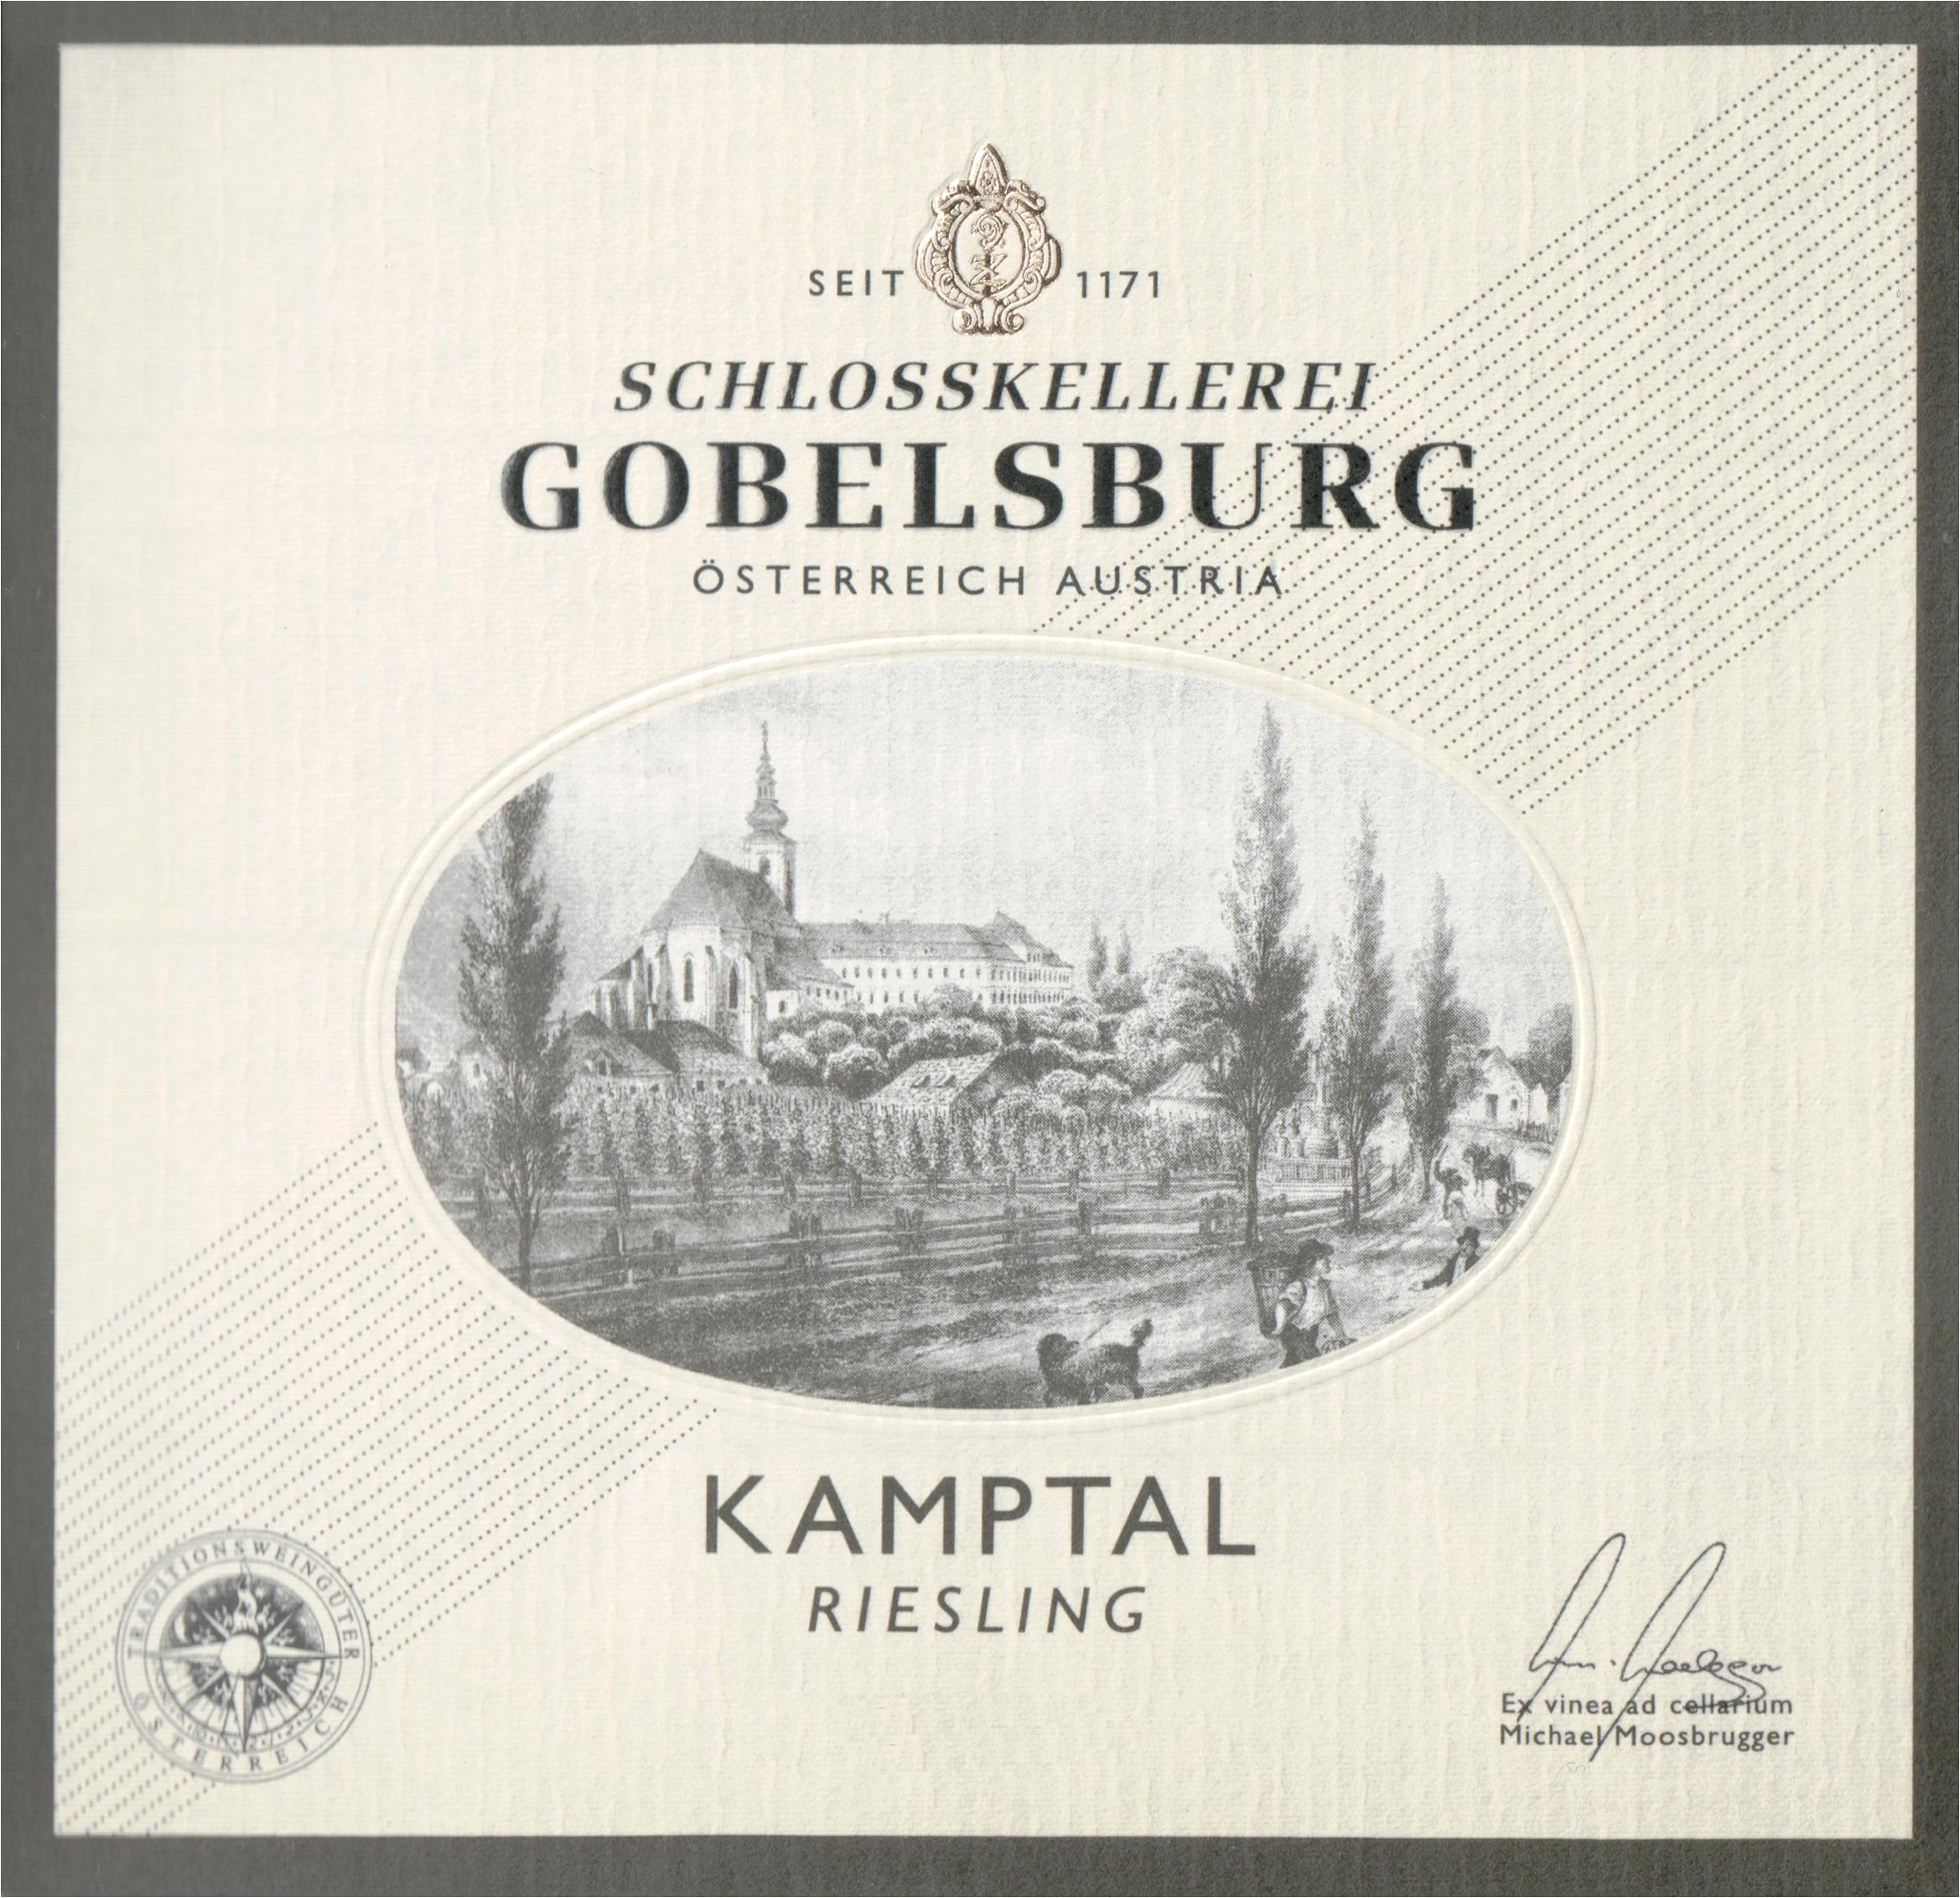 Gobelsburger Riesling Schlosskellerei 2018